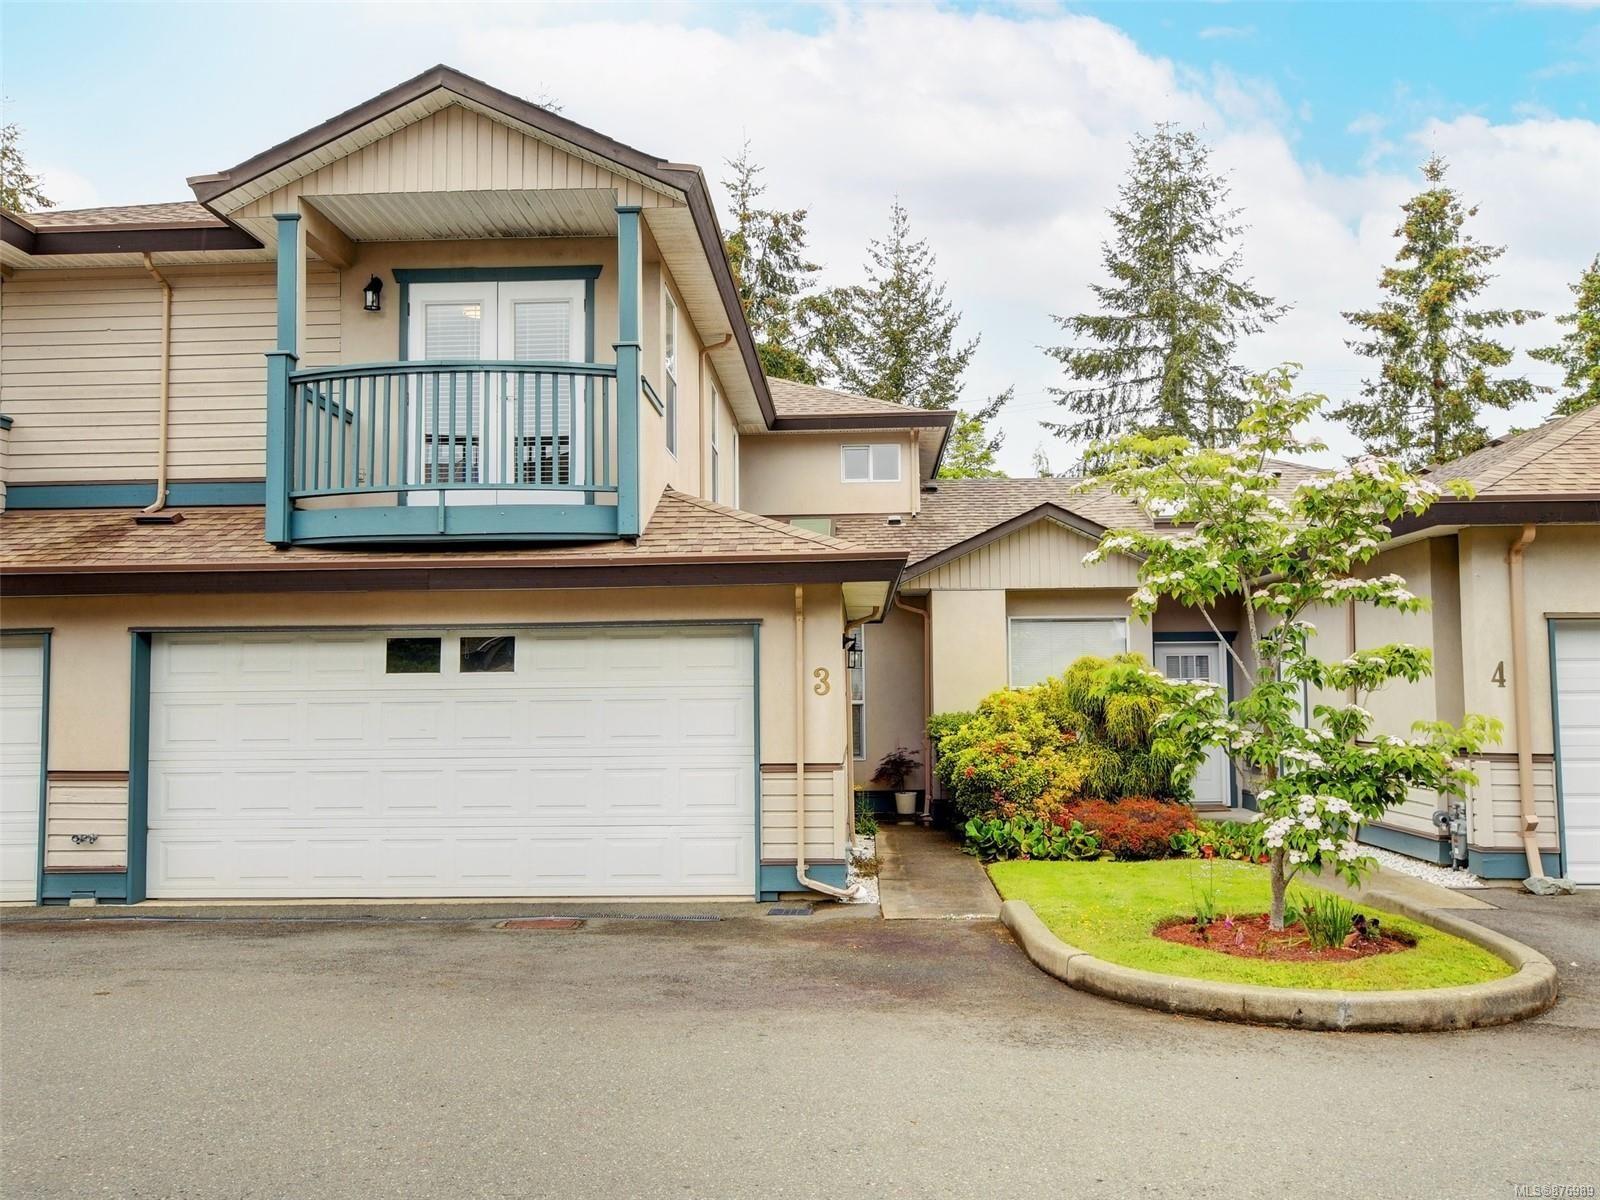 Main Photo: 3 4525 Wilkinson Rd in : SW Royal Oak Row/Townhouse for sale (Saanich West)  : MLS®# 876989